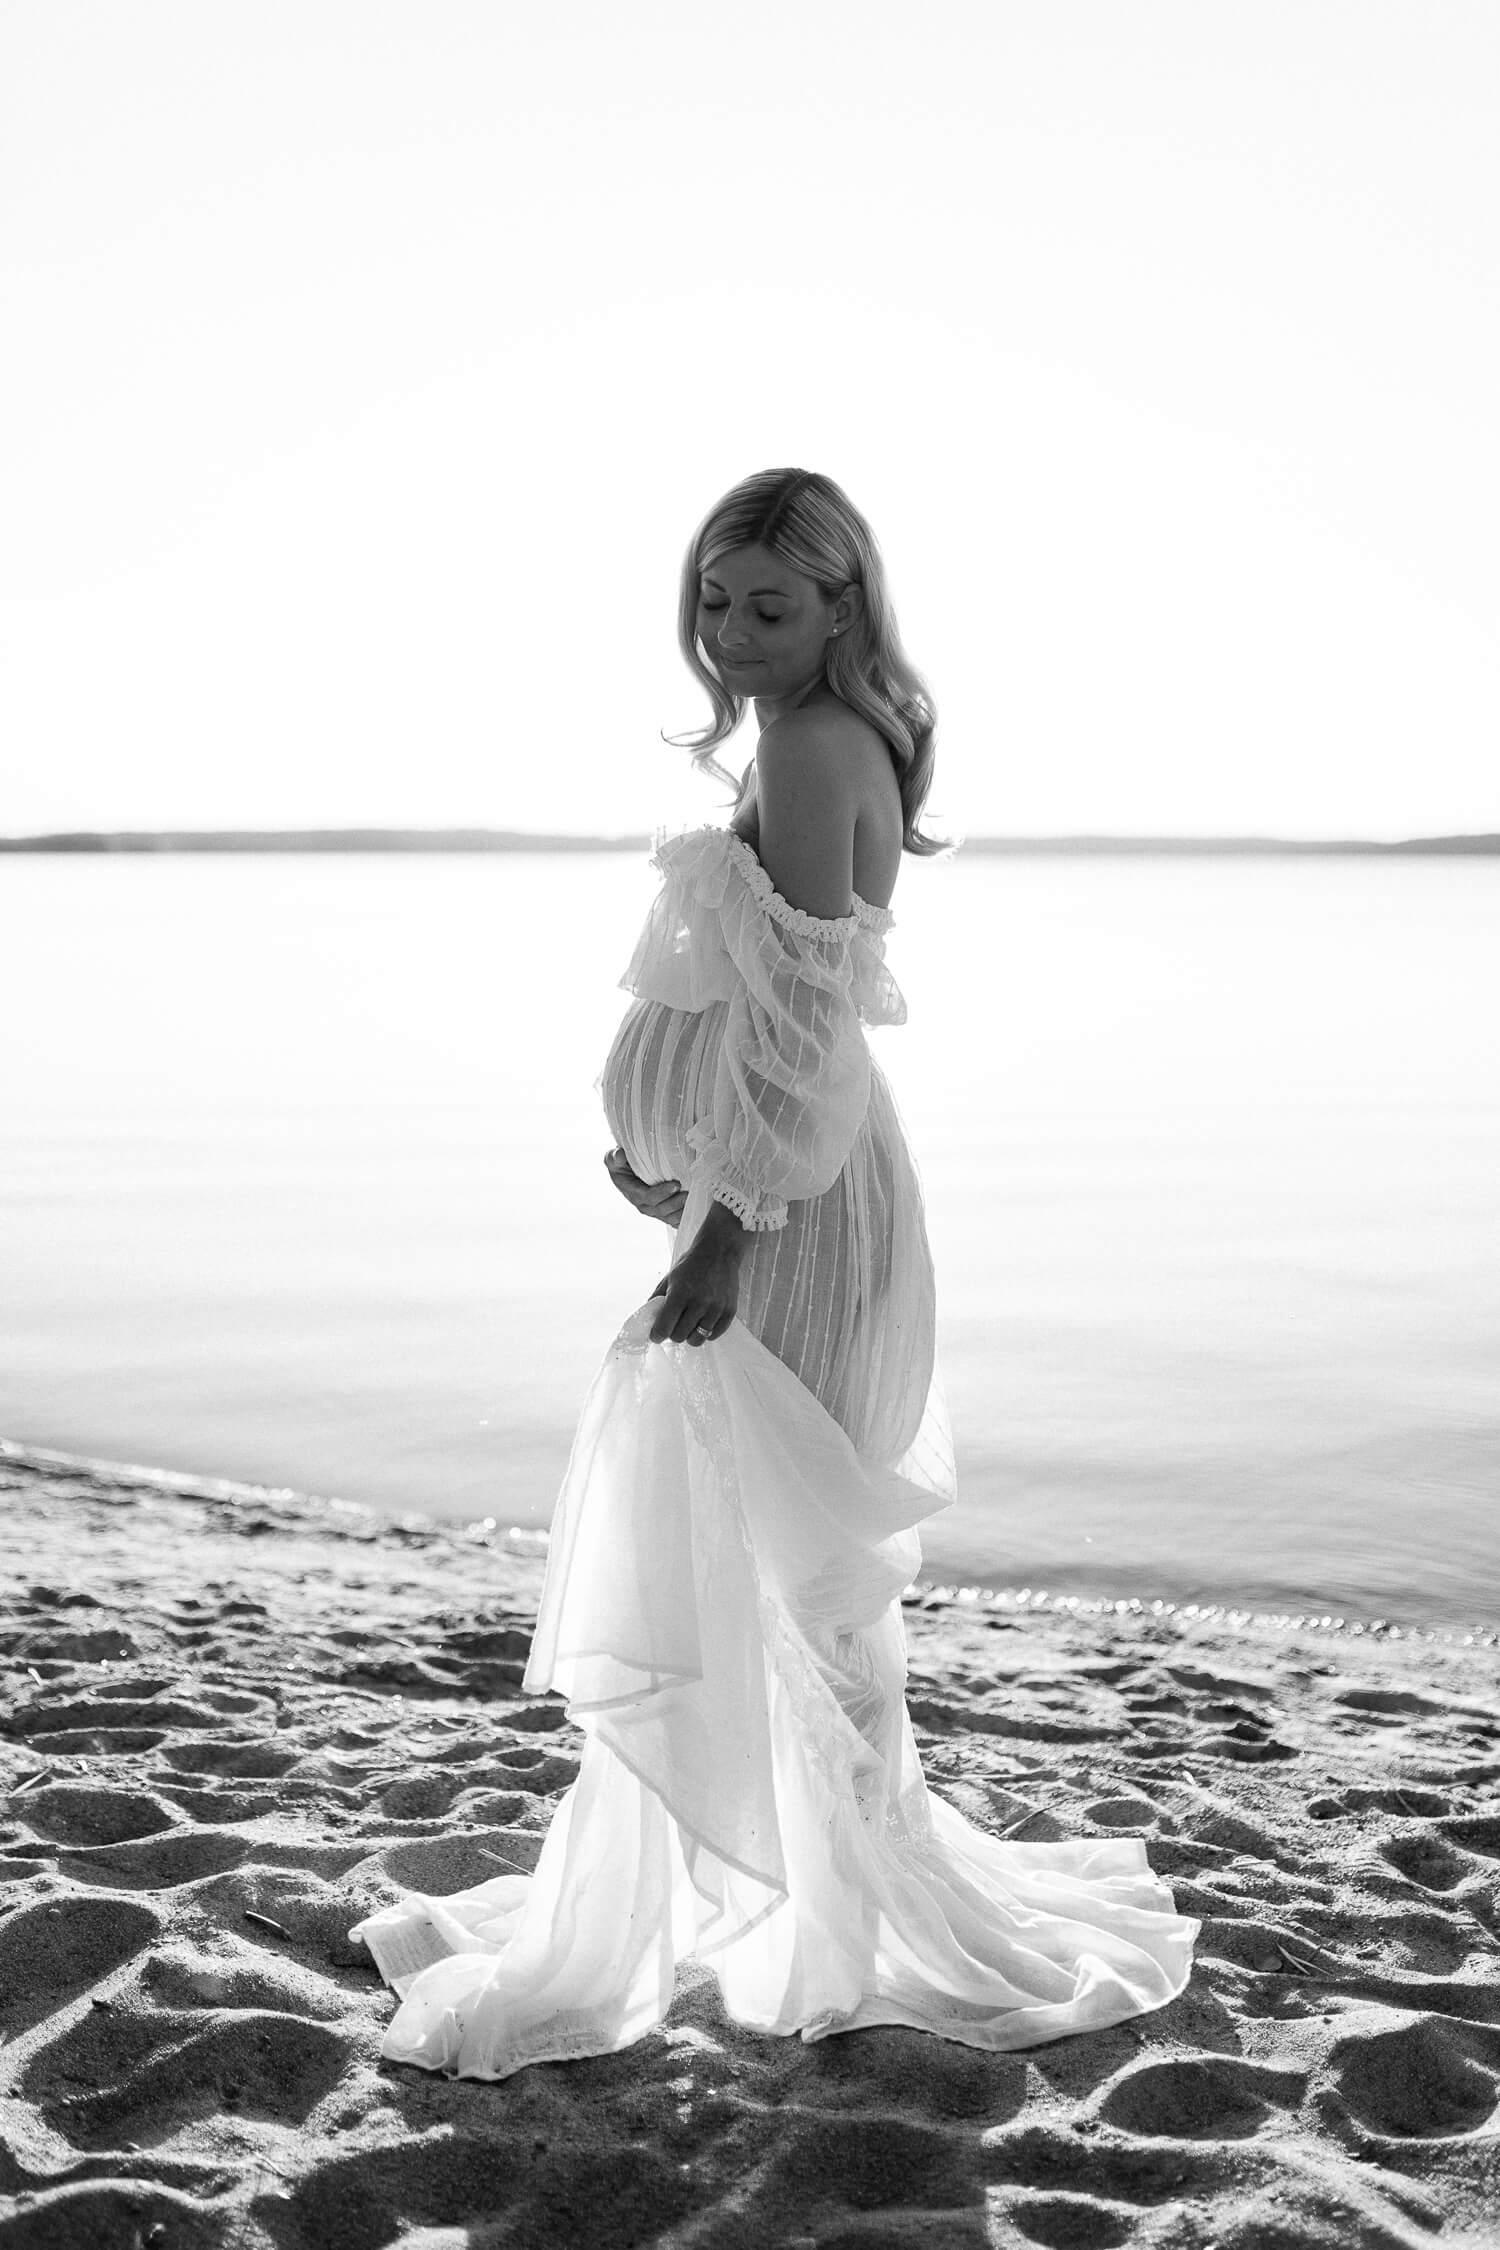 raskausajan kuvaus rannalla